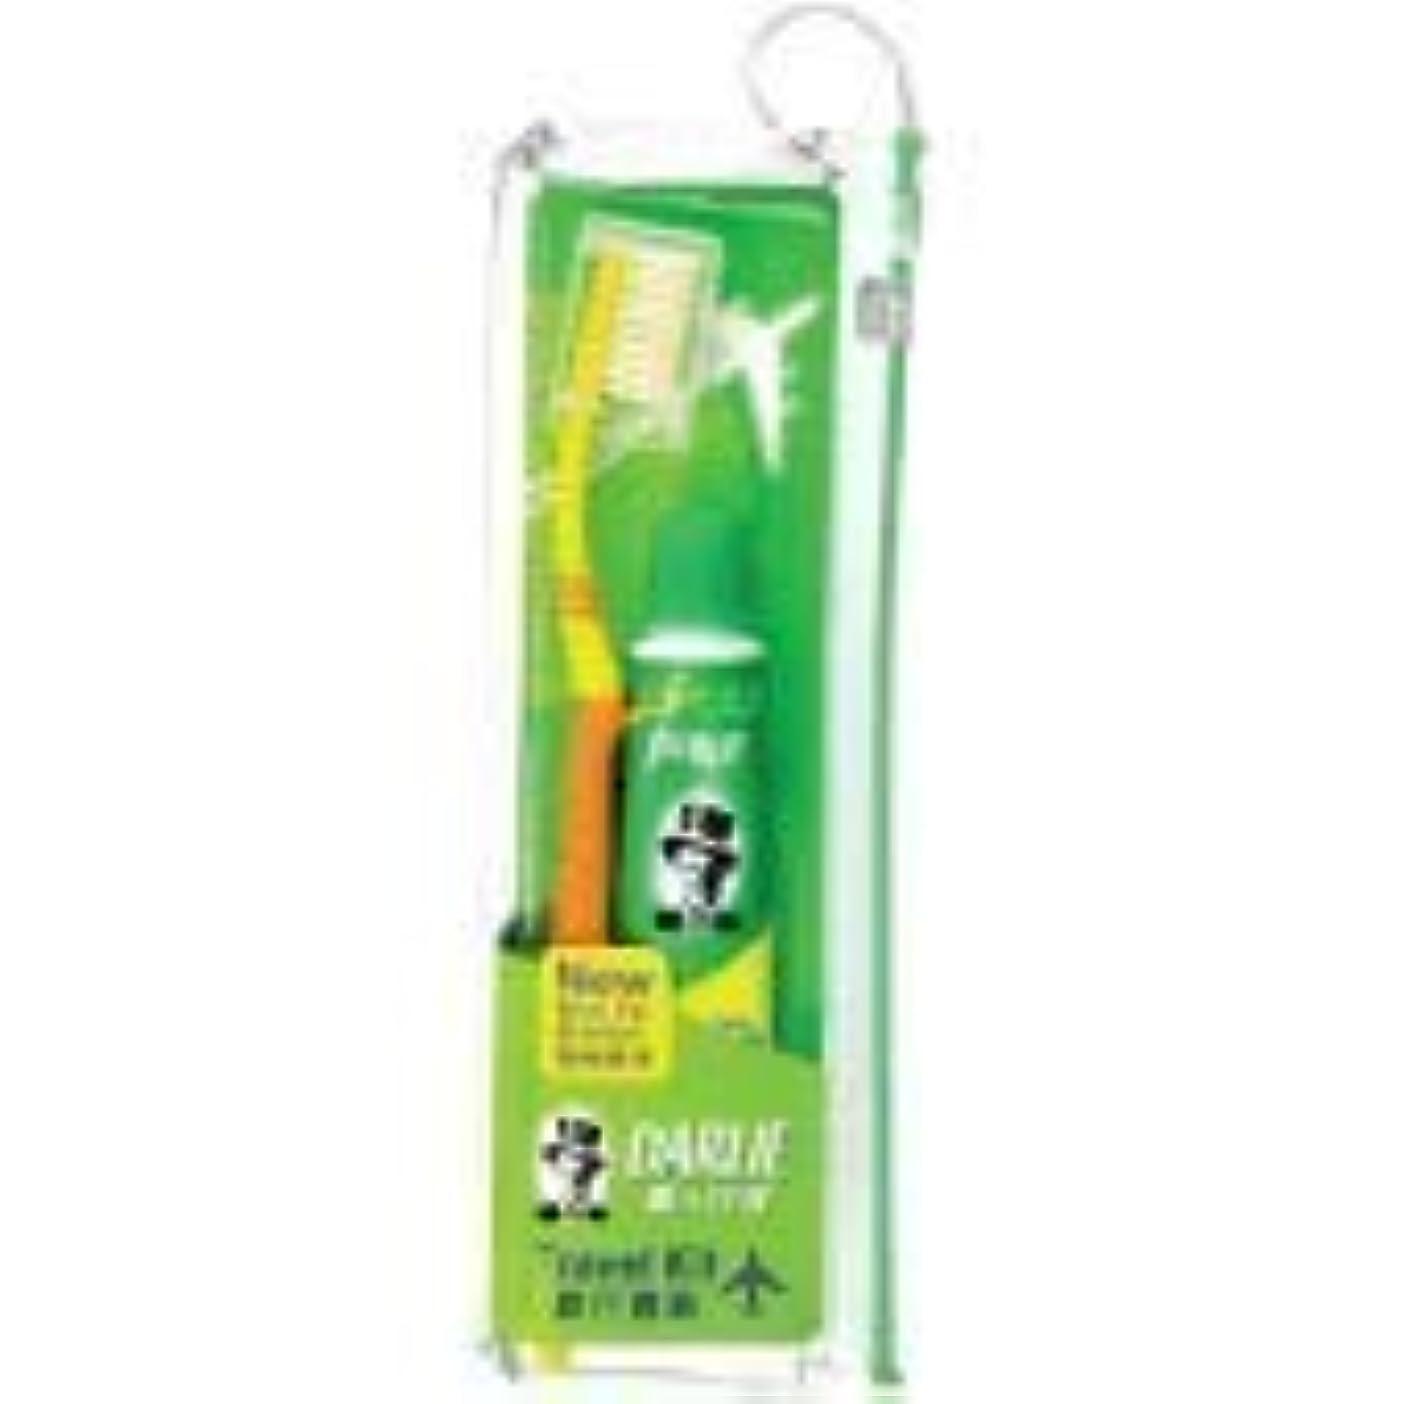 プロポーショナルエステート包帯DARLIE 歯ブラシ旅行キット大人用媒体1 - 頻繁な旅行者にとって、シンプルさは不可欠です。ダリーダブルアクショントラベルキット